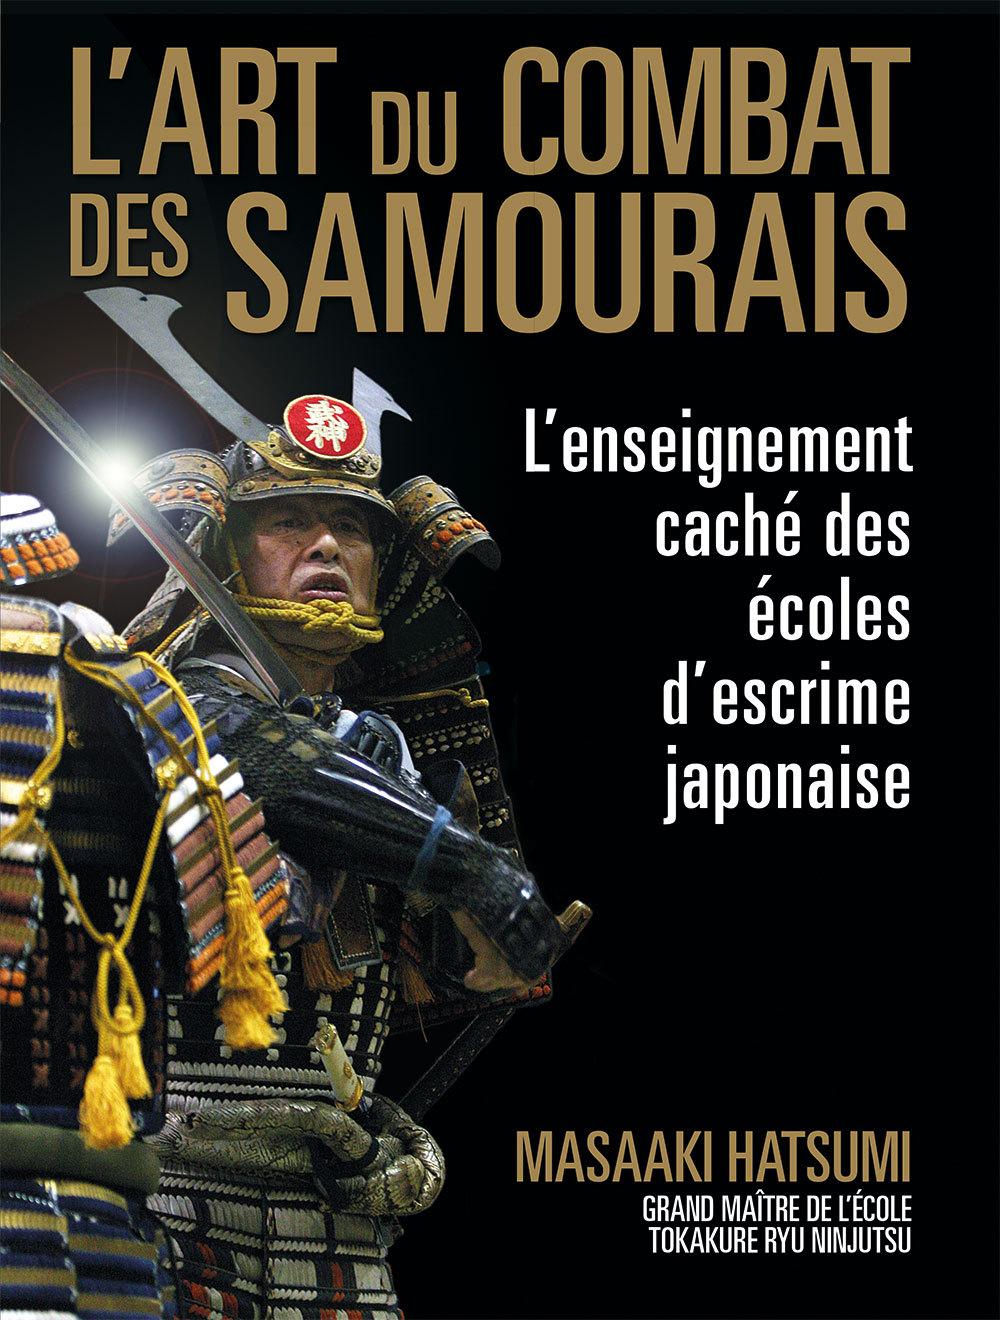 ART DU COMBAT DES SAMOURAIS (L')